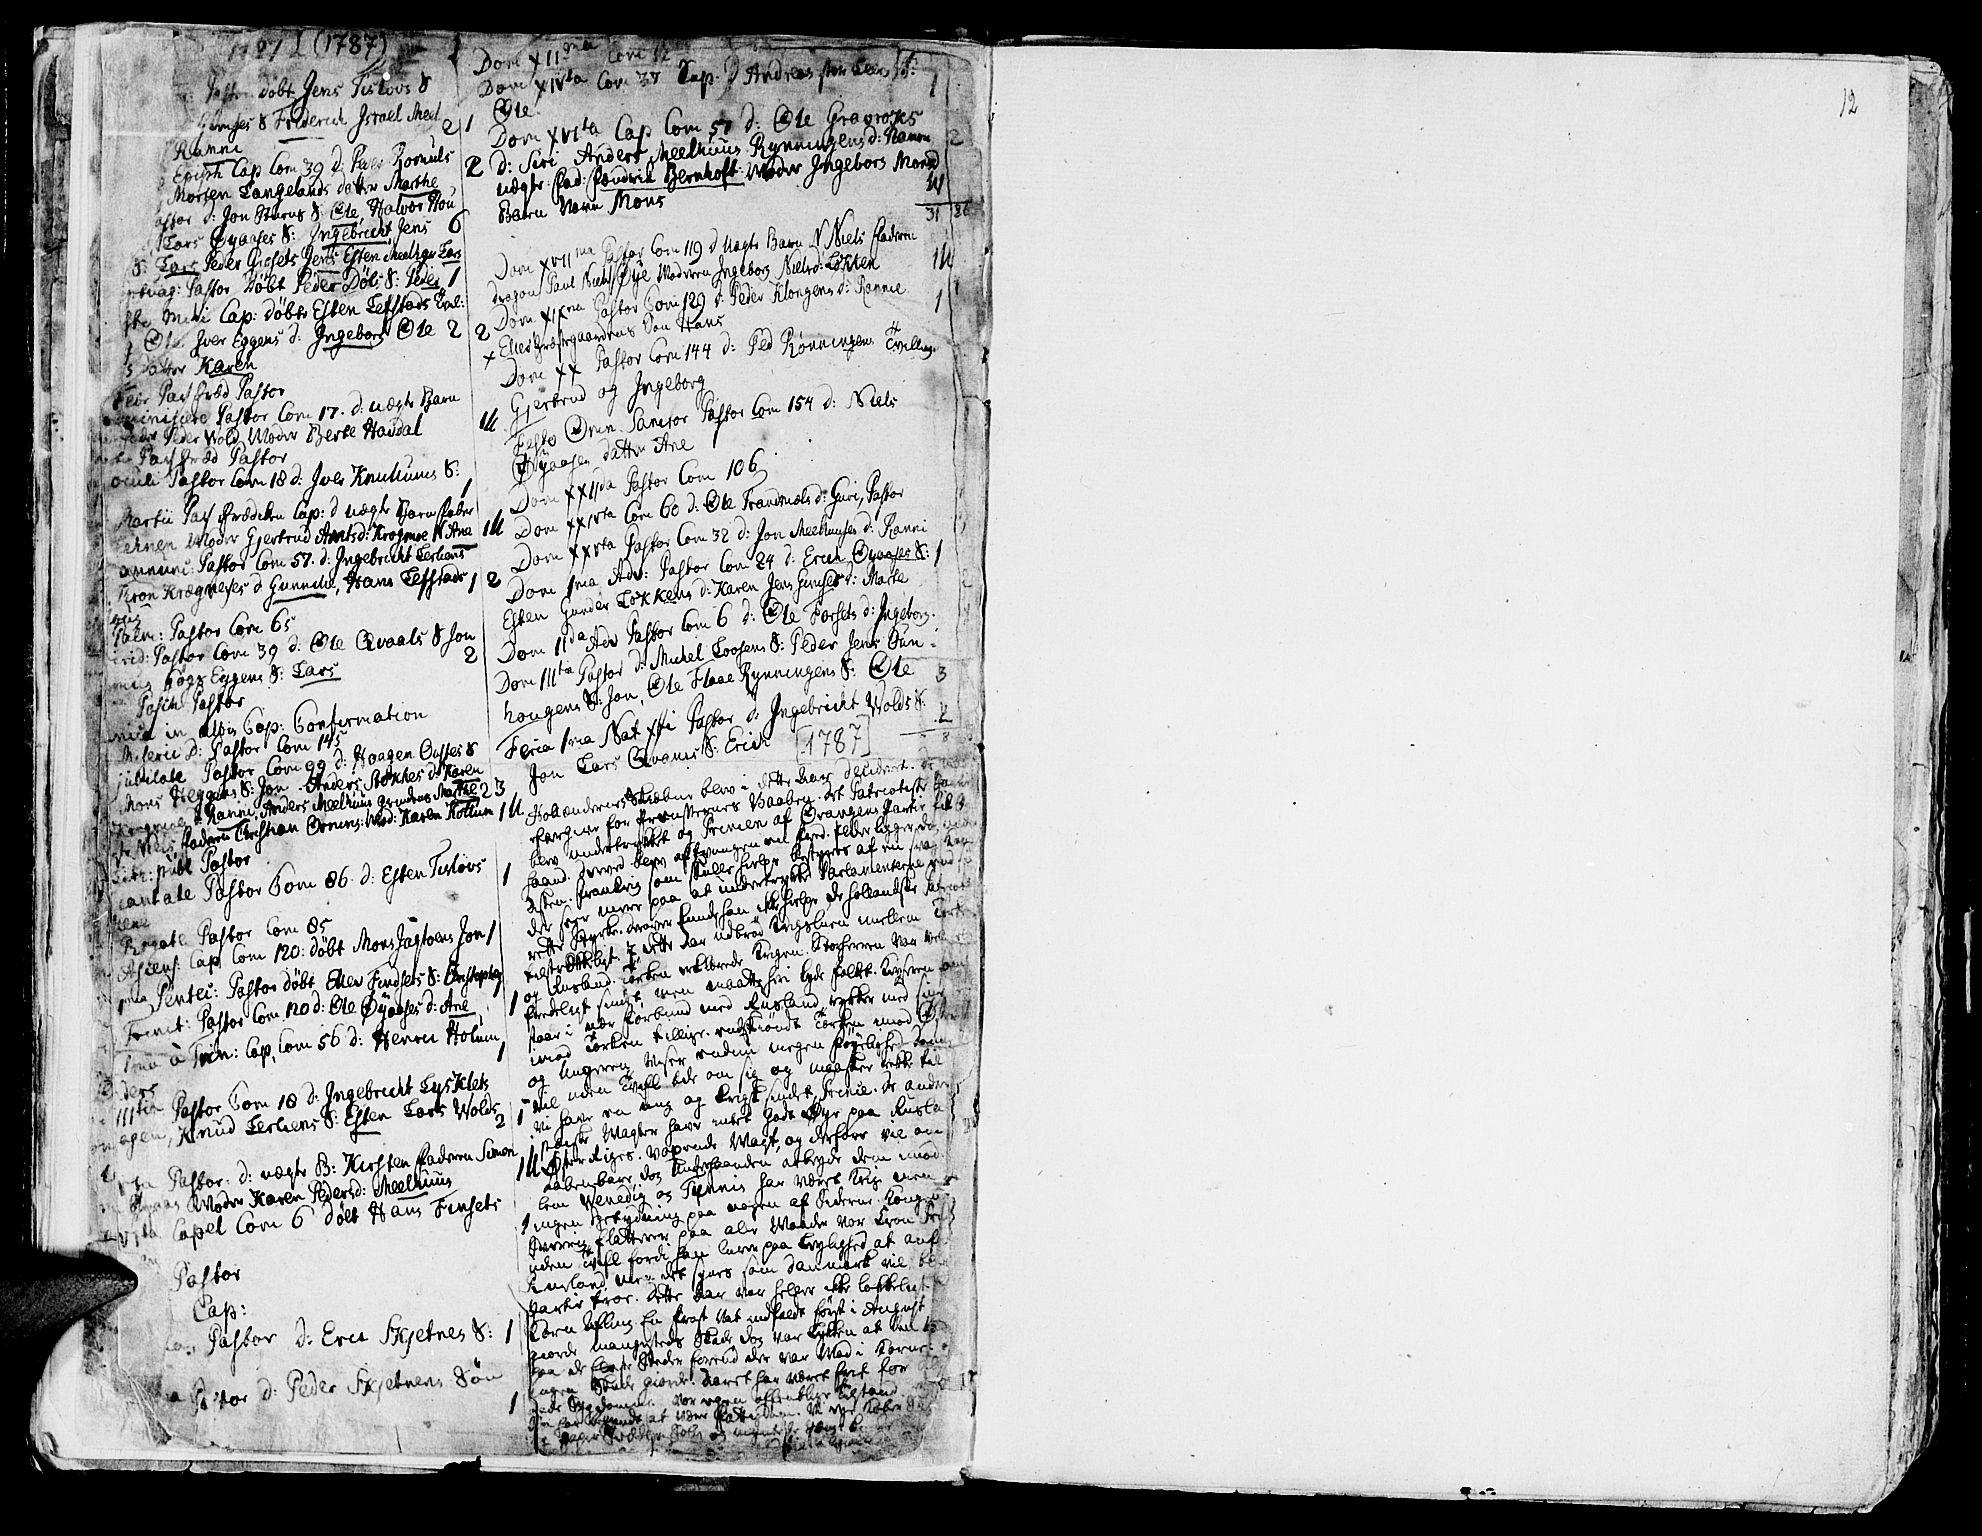 SAT, Ministerialprotokoller, klokkerbøker og fødselsregistre - Sør-Trøndelag, 691/L1061: Ministerialbok nr. 691A02 /1, 1768-1815, s. 12